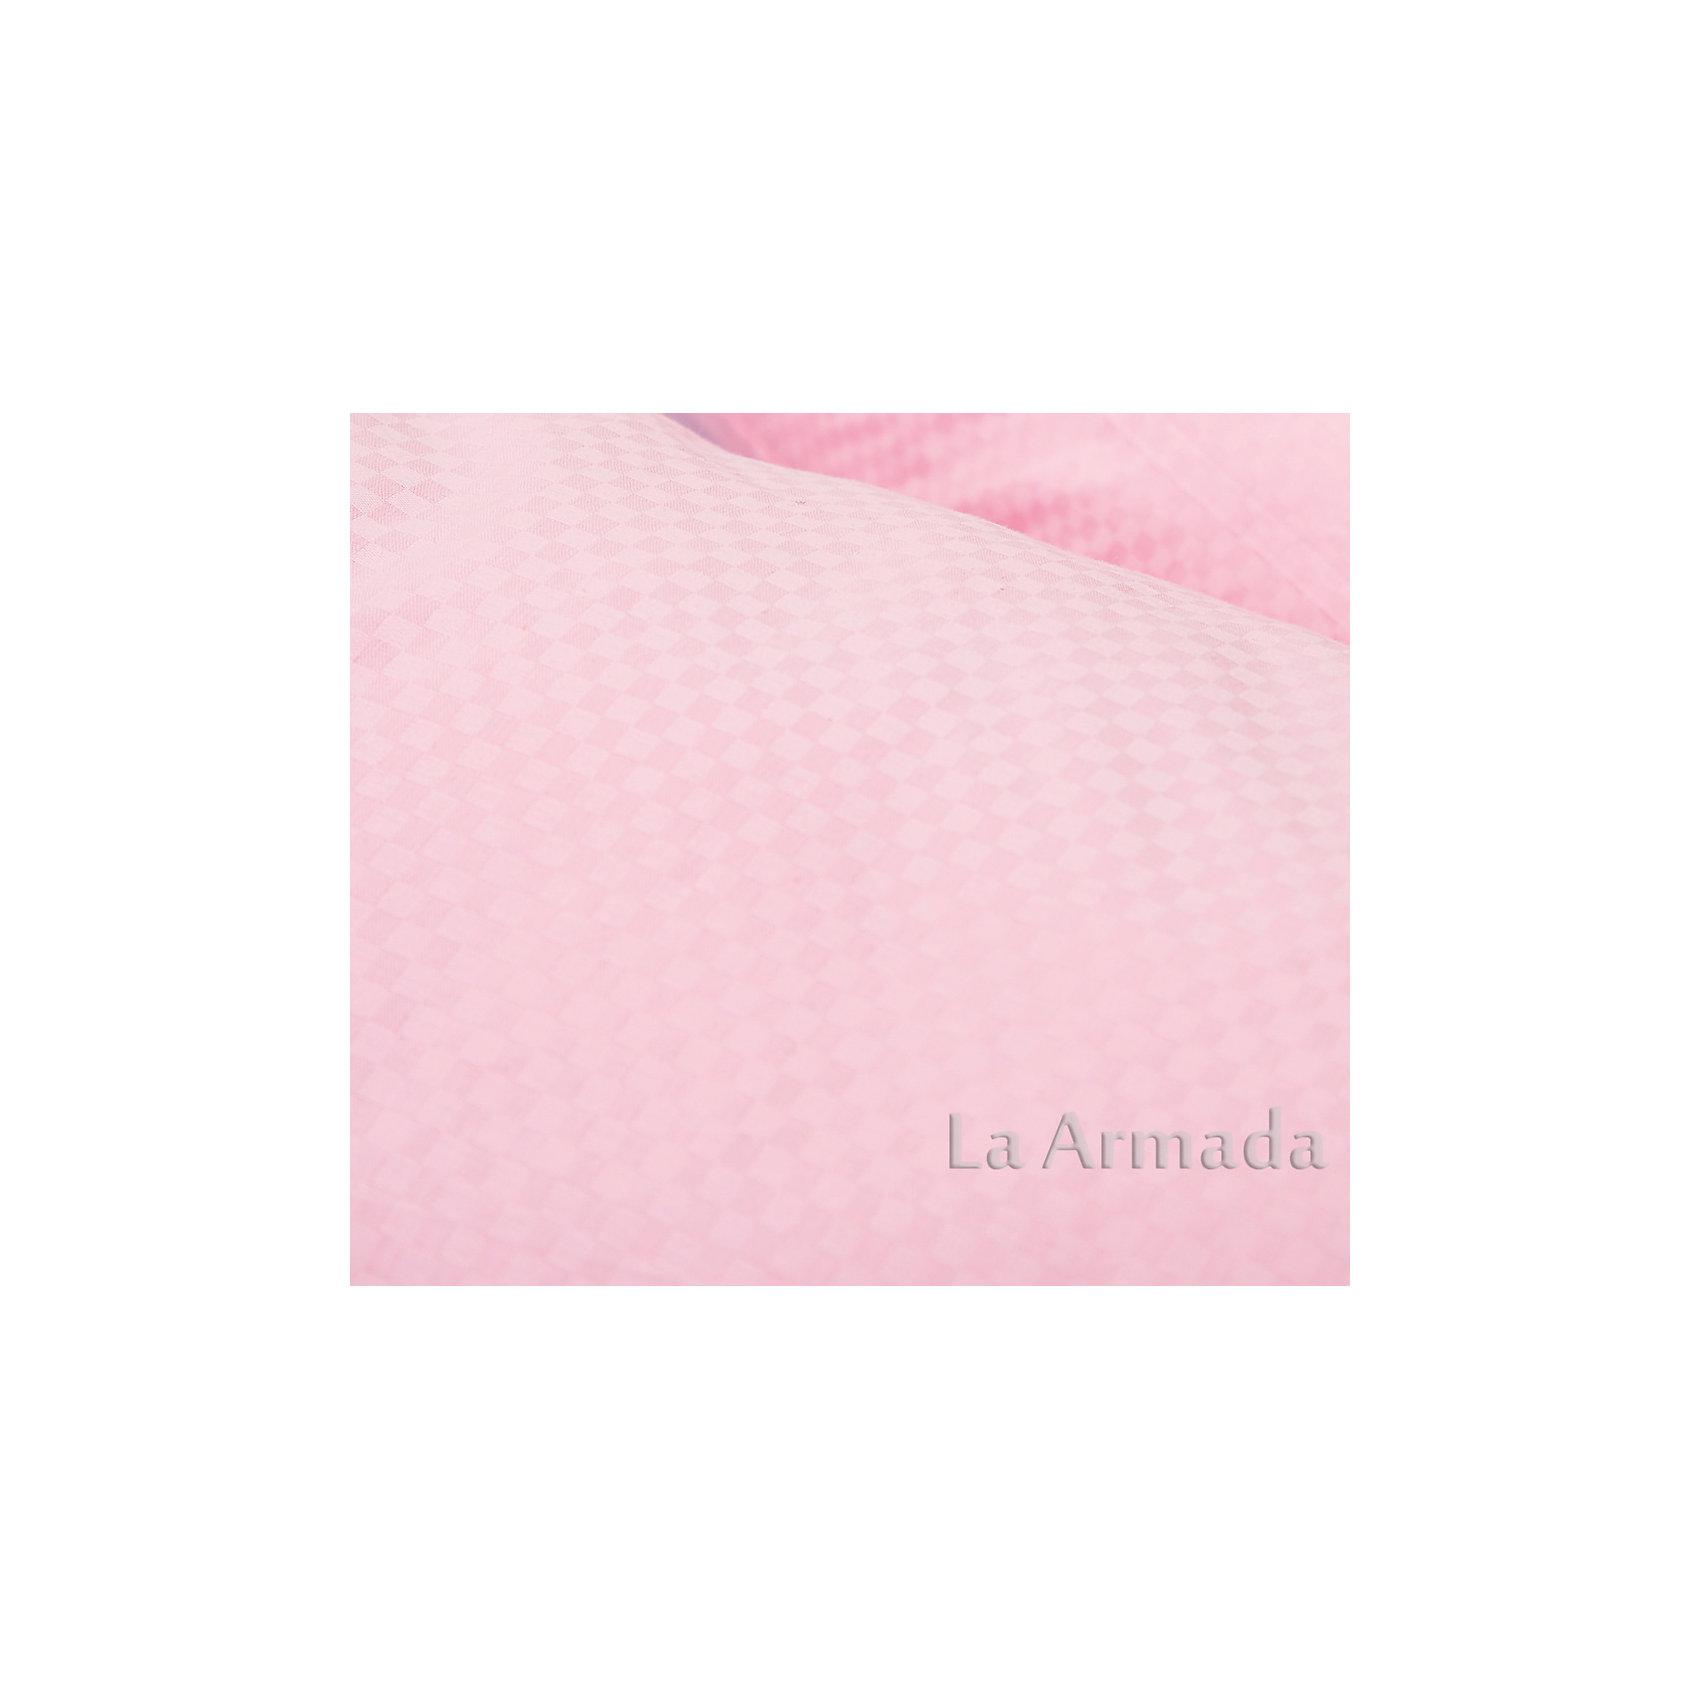 Подушка для беременных Аура 190х37 (сатин) с шариками полистирола, La Armada, розовый